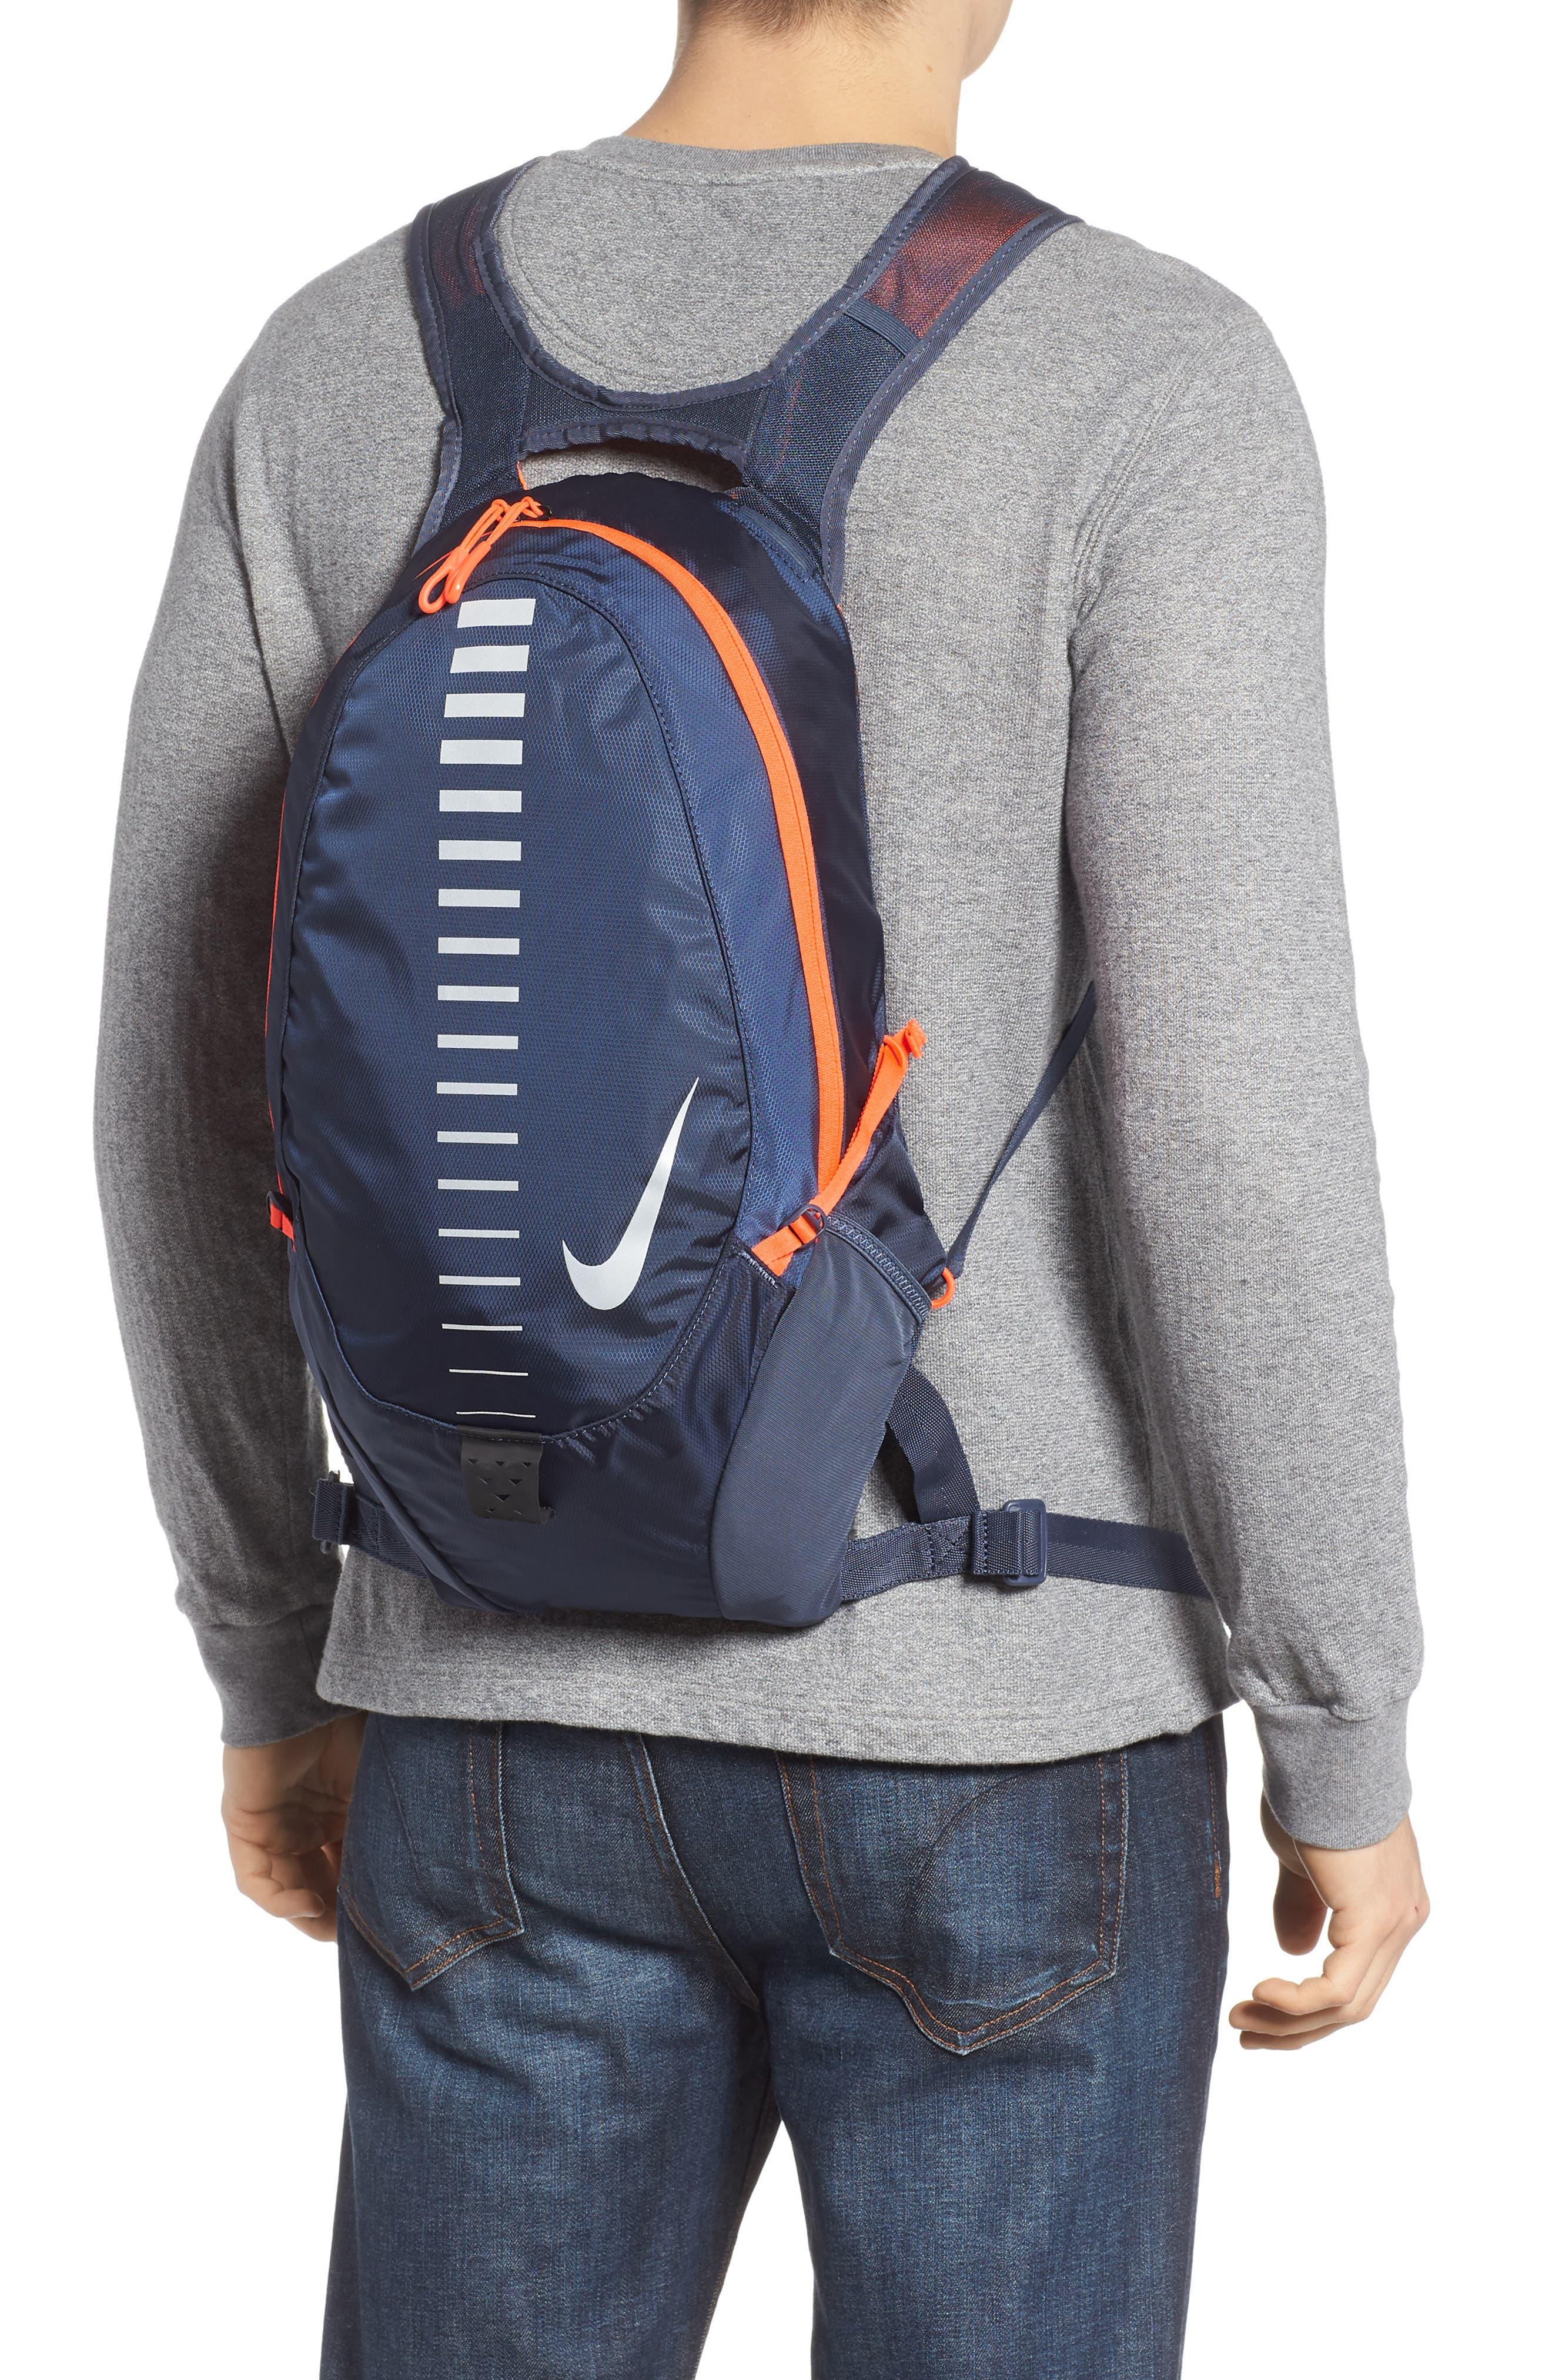 Run Commuter Backpack,                             Alternate thumbnail 2, color,                             Thunder Blue/ Total Crimson